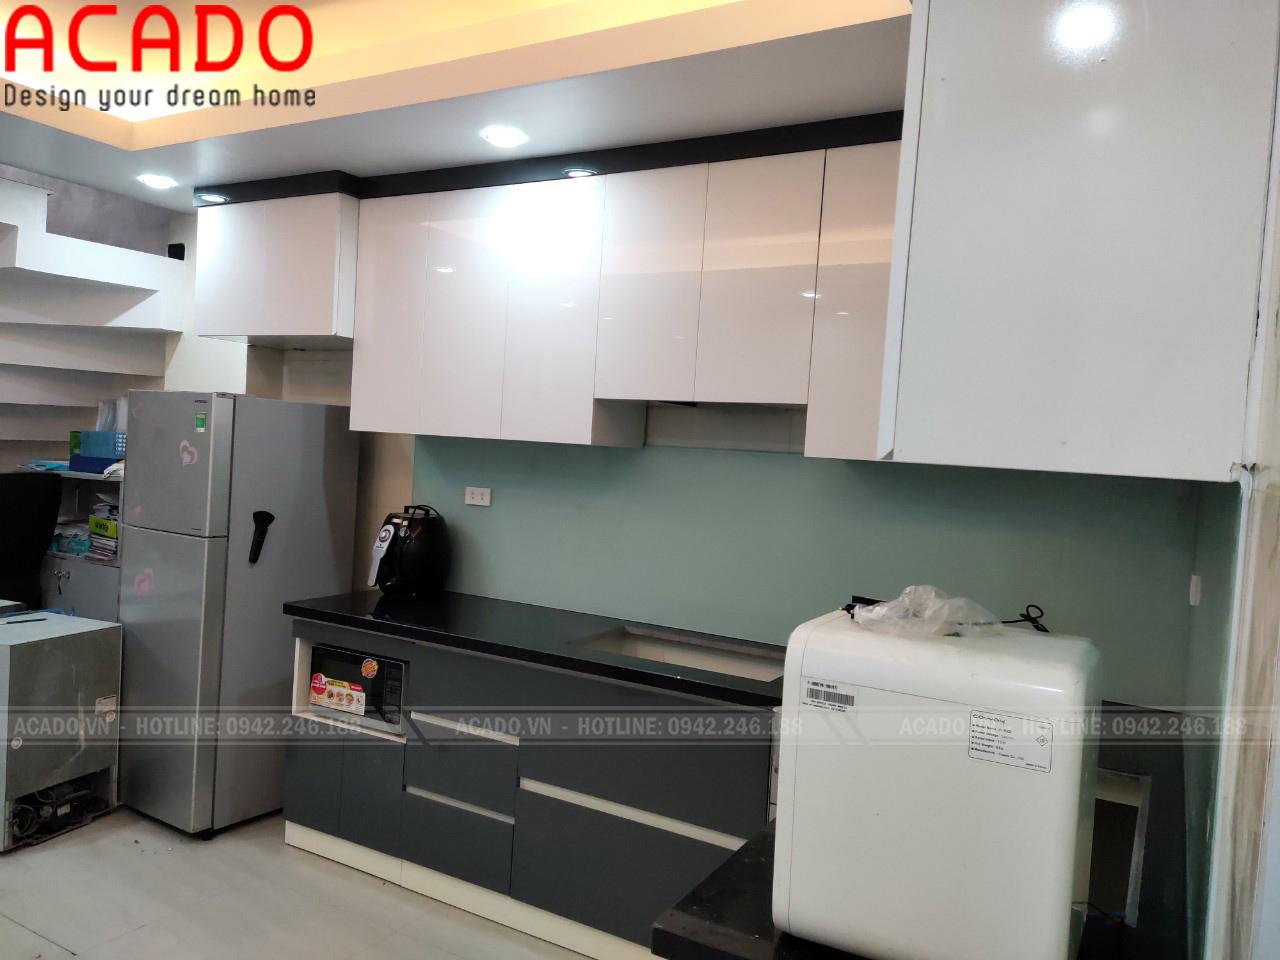 Chất Liệu Acrylic mang lại bề mặt bóng gương cho tủ bếp - Nội thất ACADO